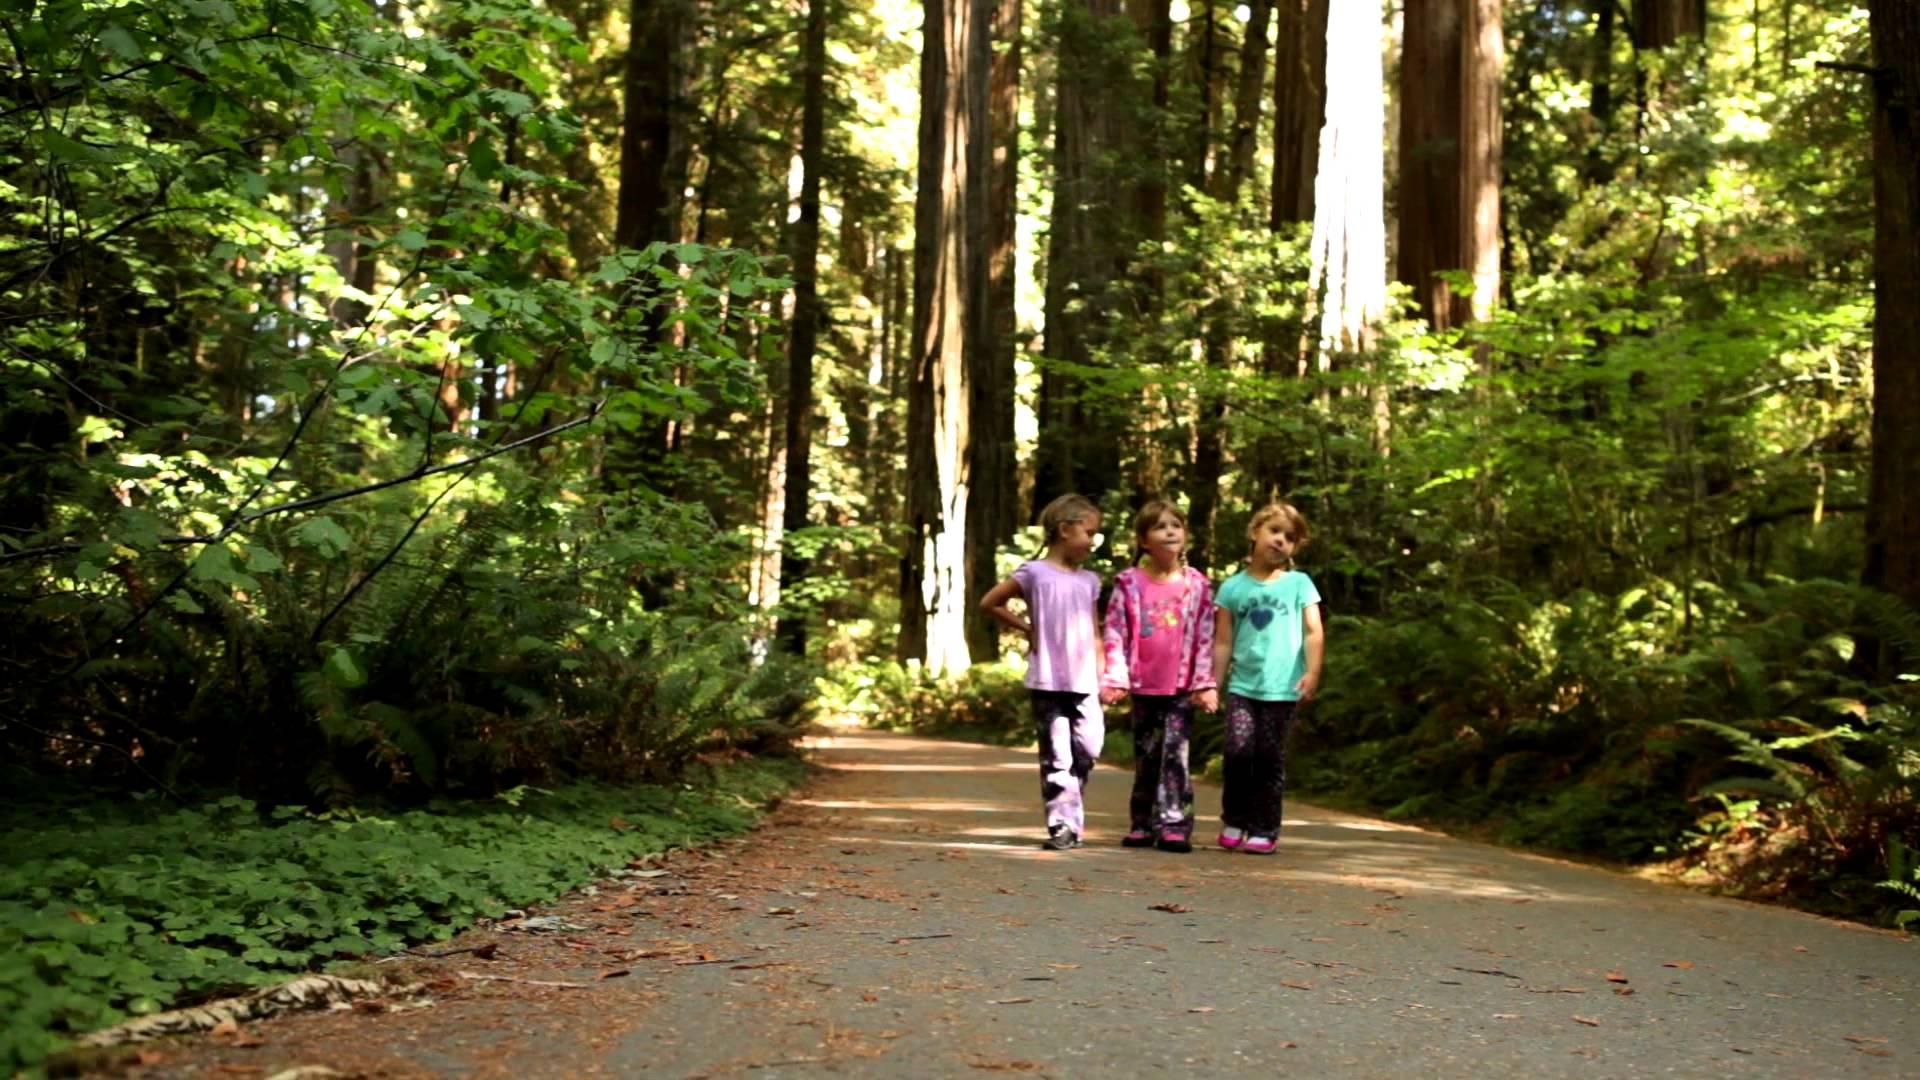 Little girls walking photo